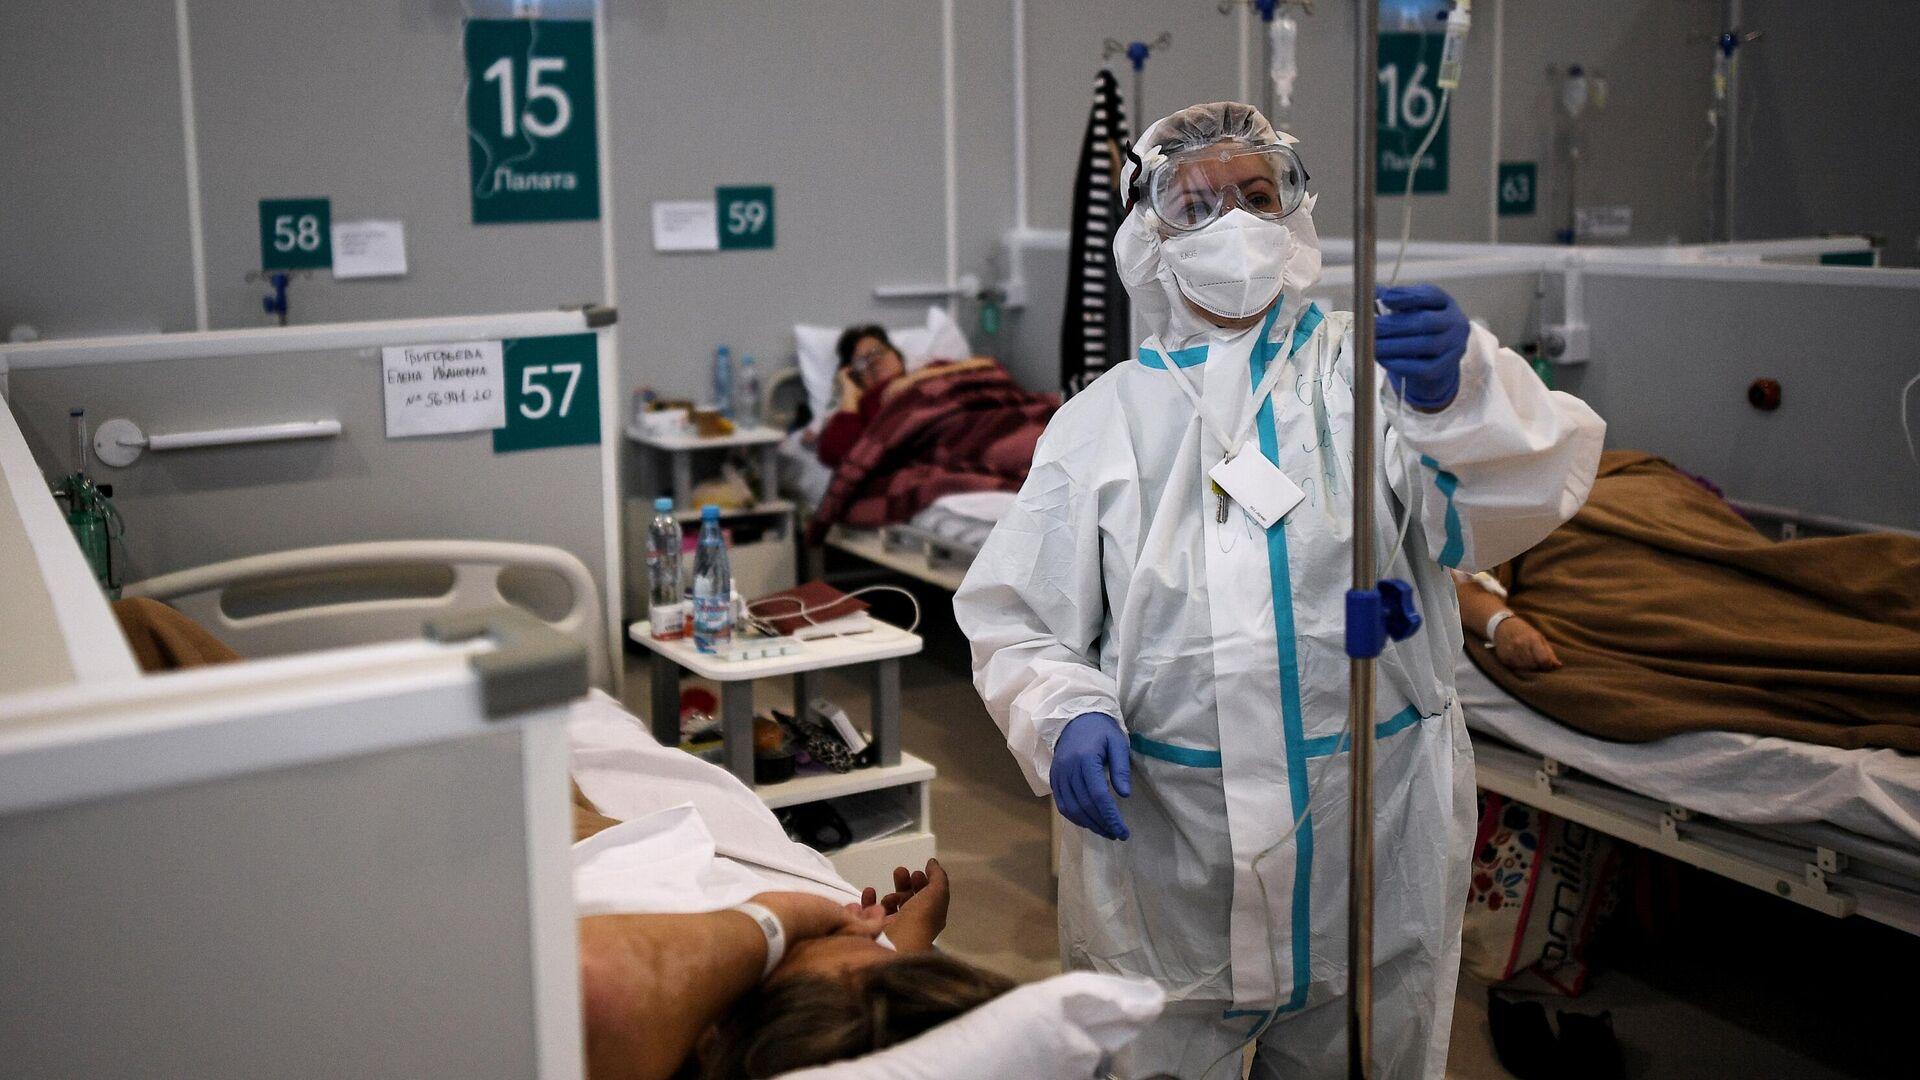 Медицинский работник во временном госпитале для пациентов с COVID-19 в Сокольниках - РИА Новости, 1920, 20.10.2020